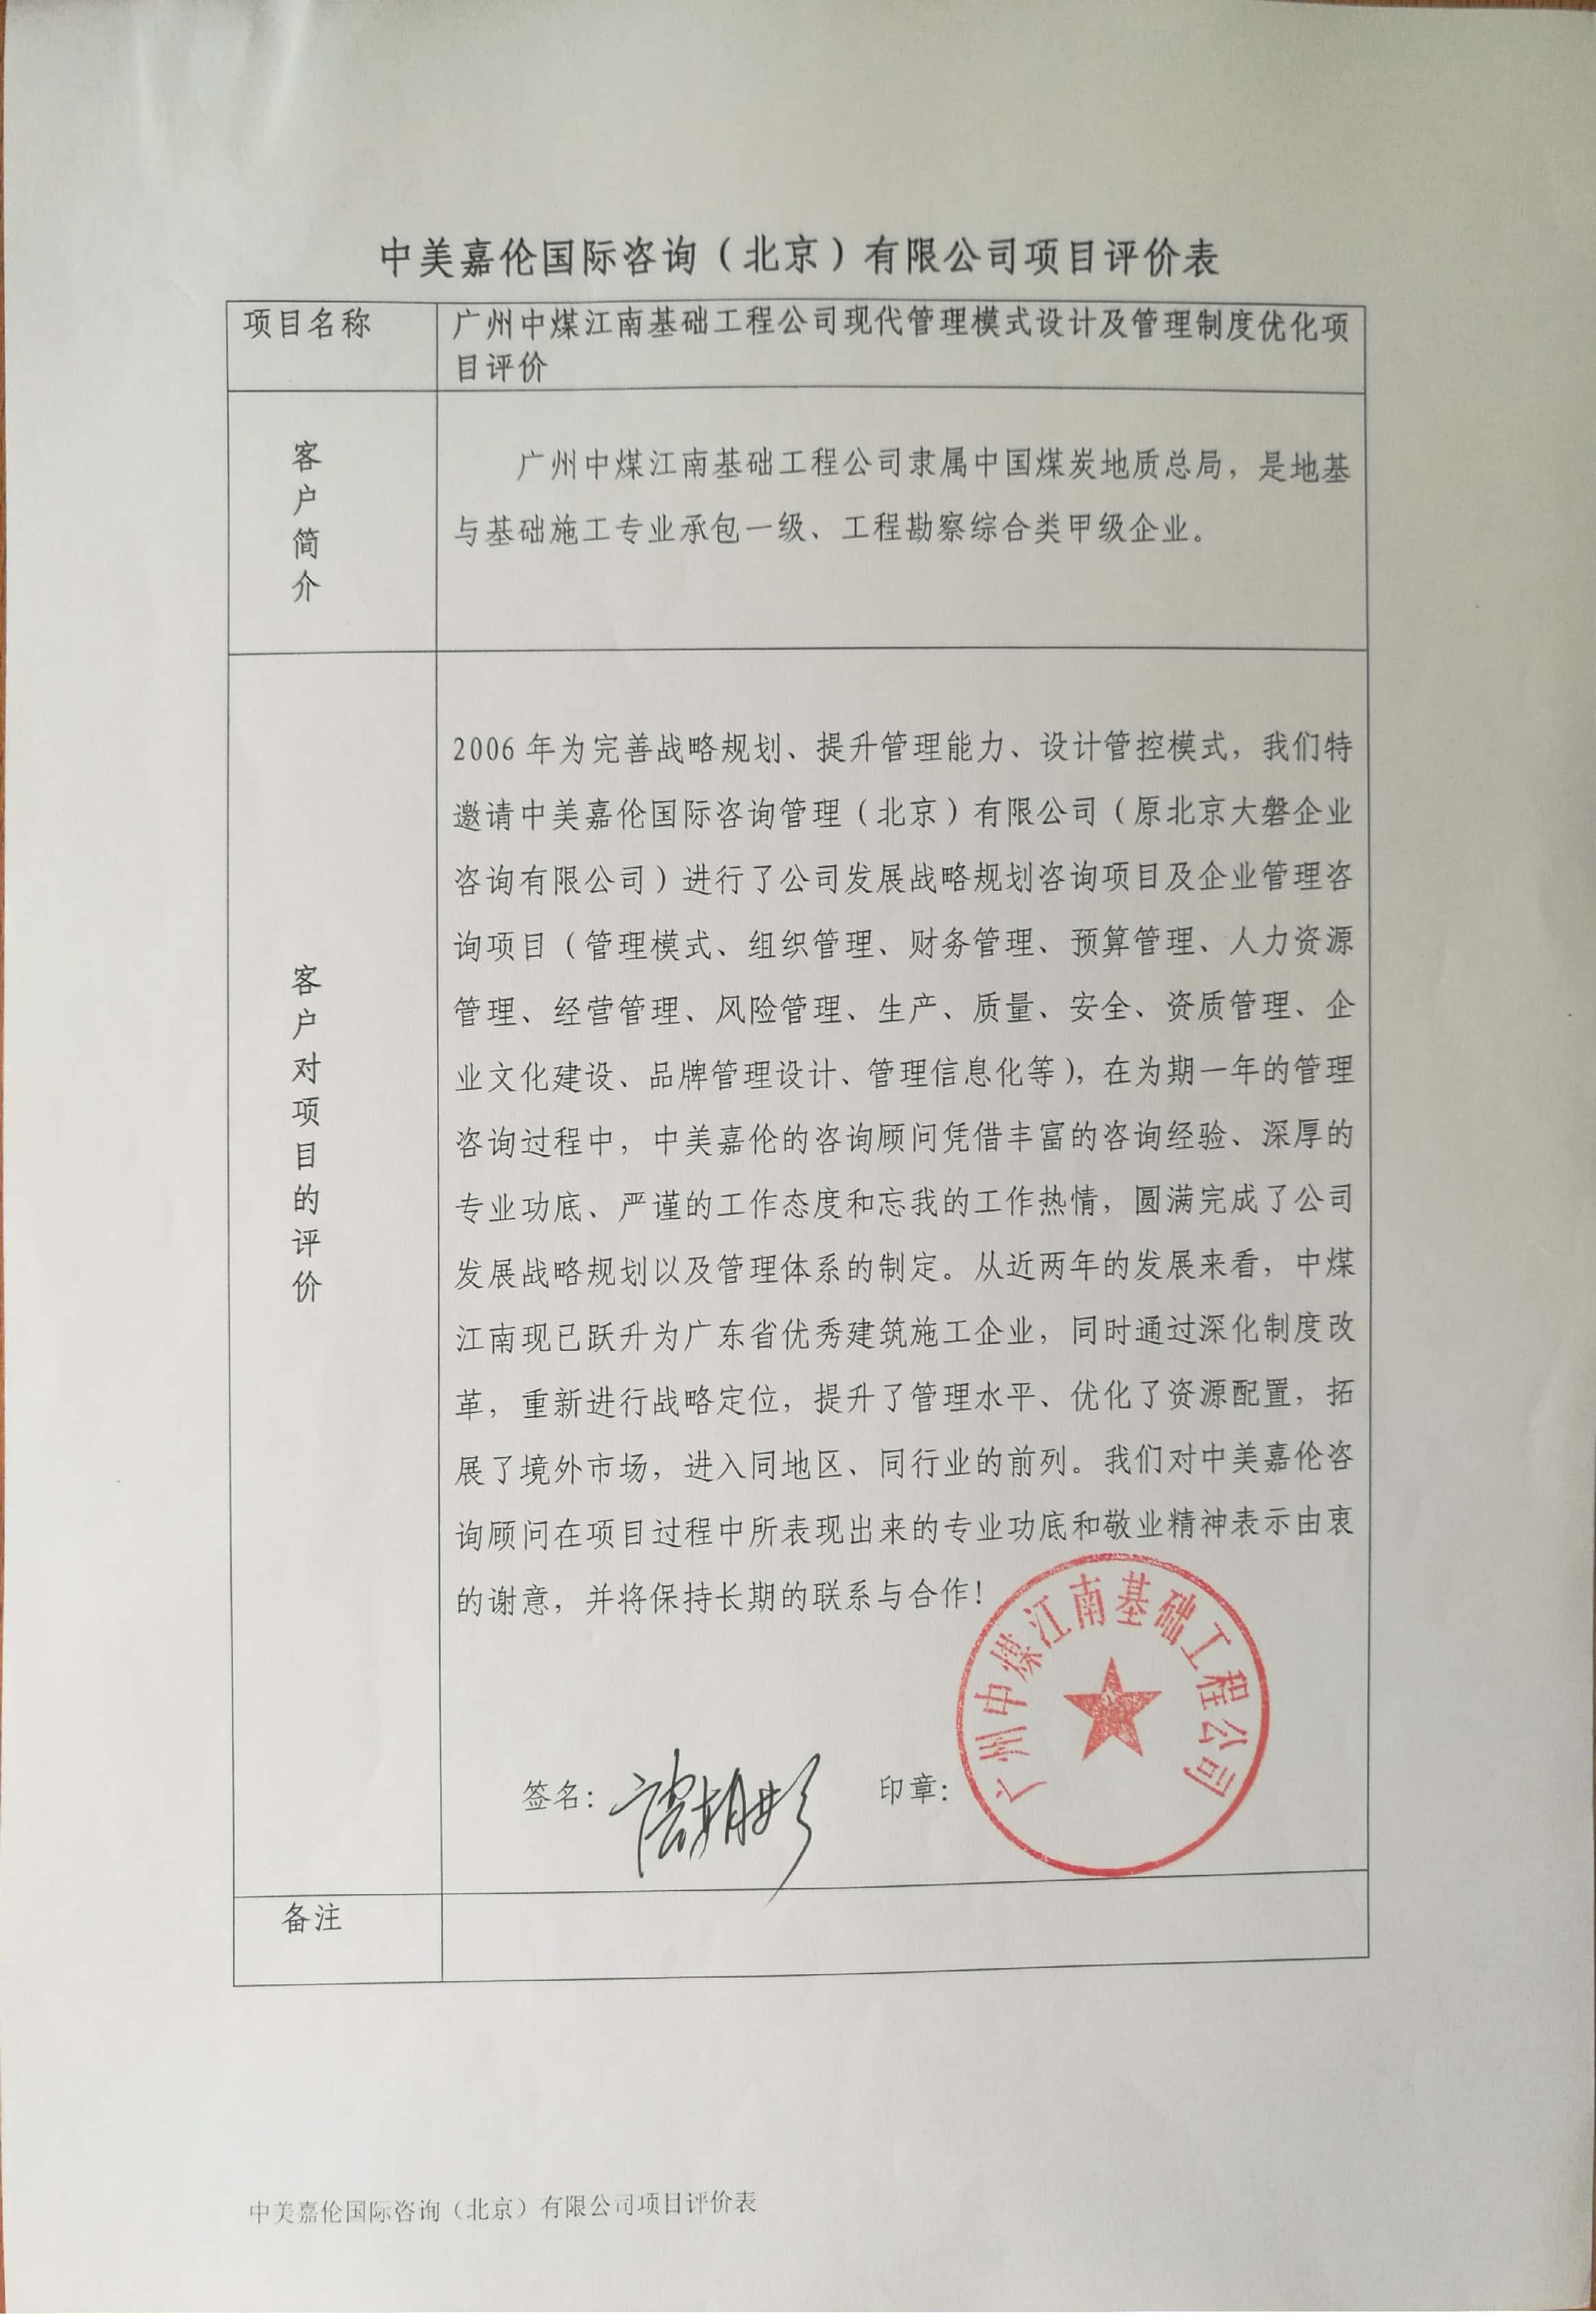 广州中煤江南基础工程公司现代管理模式设计及管理制度优化项目评价表